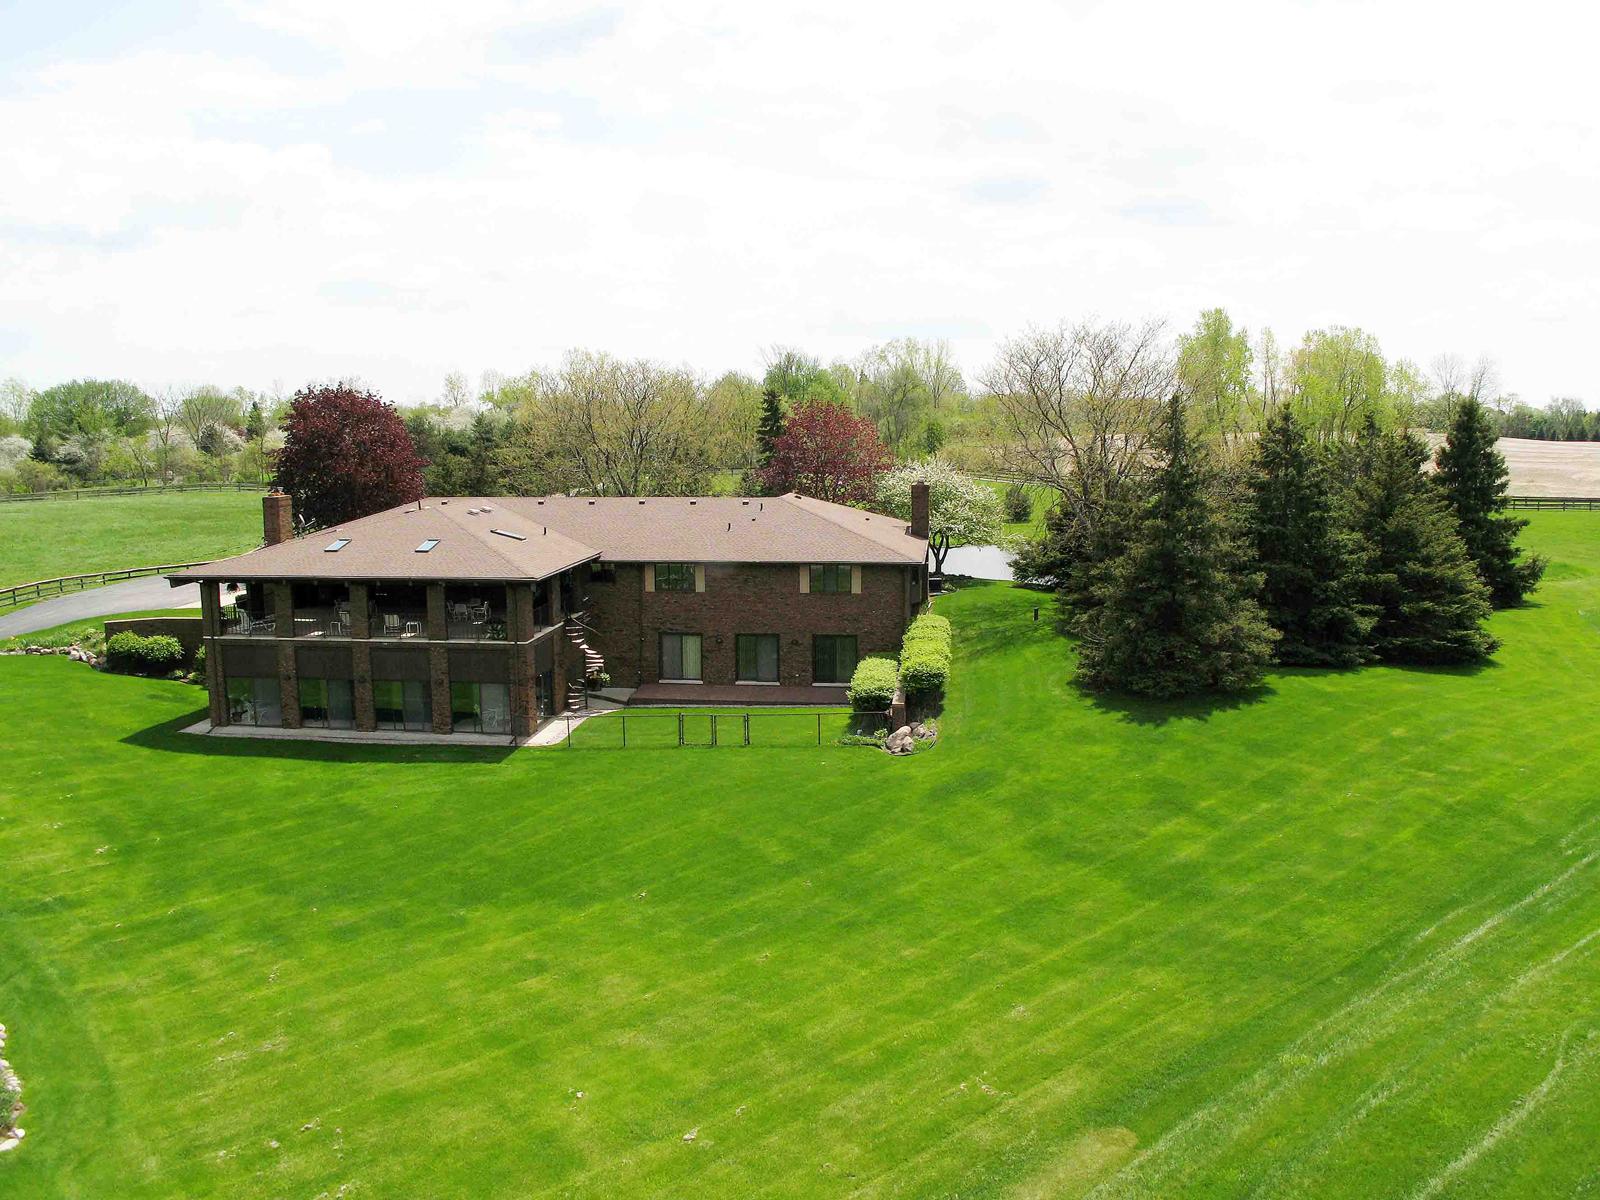 Property Of Lyon Township